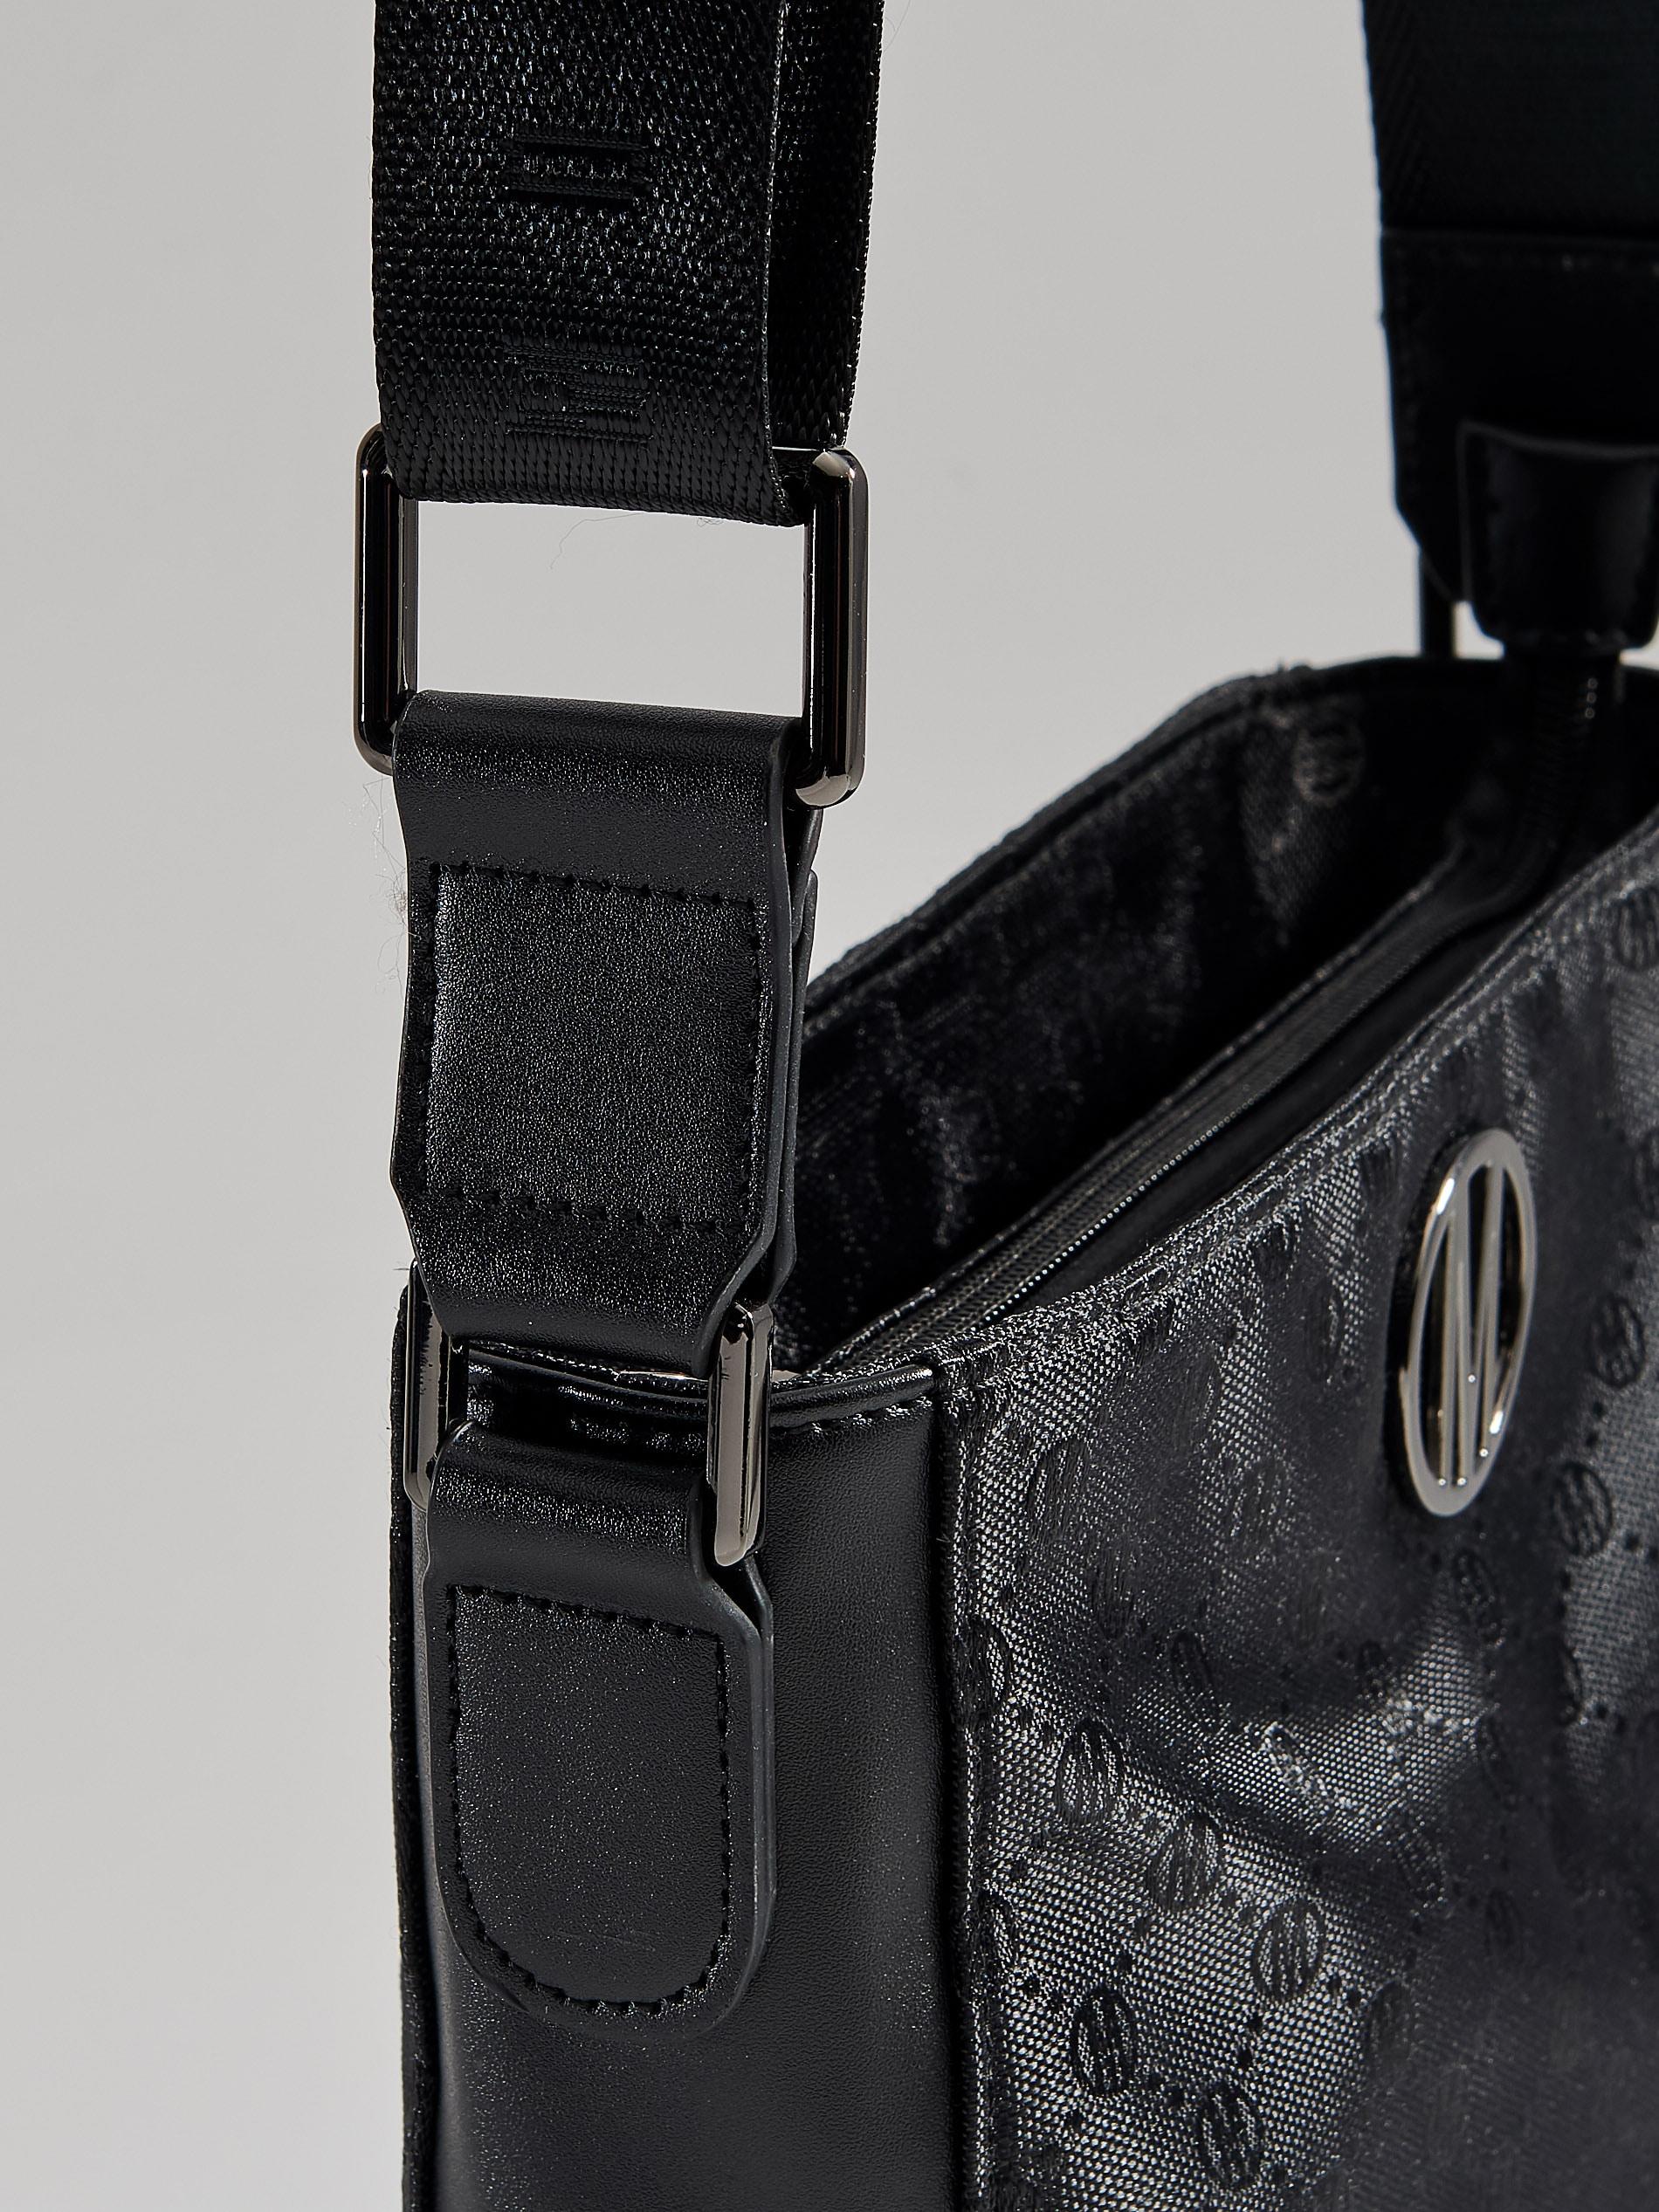 445506afbc3b0 Torebka na ramię z łączonych materiałów - czarny - VV536-99X - Mohito - 4